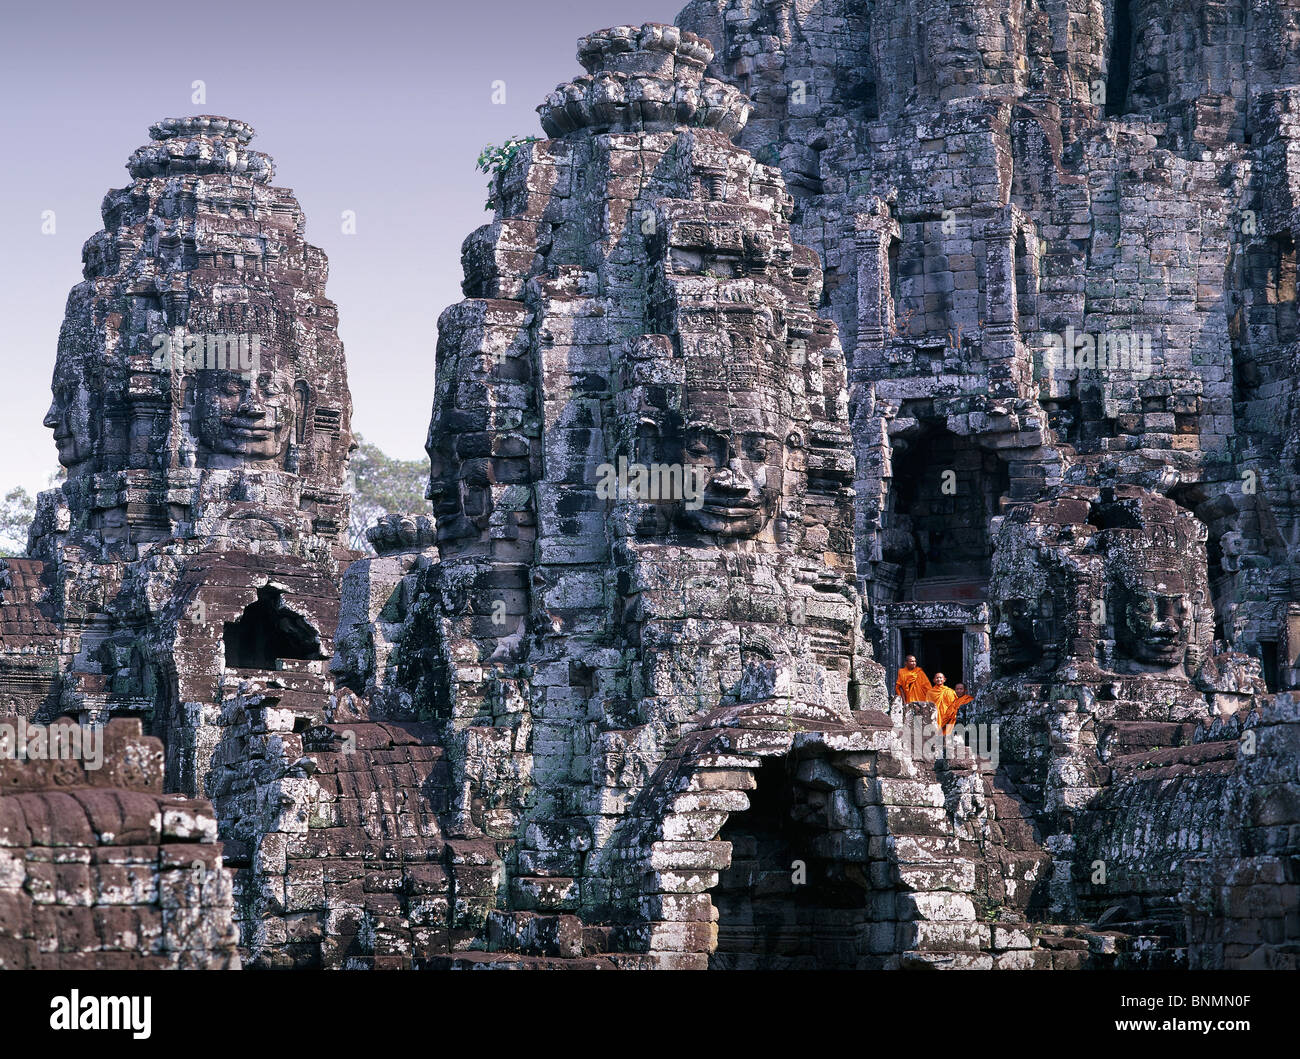 Cambogia in Estremo Oriente Asia Siem Reap tempio Bayon religione sito culturale cultura figure in pietra figure Immagini Stock